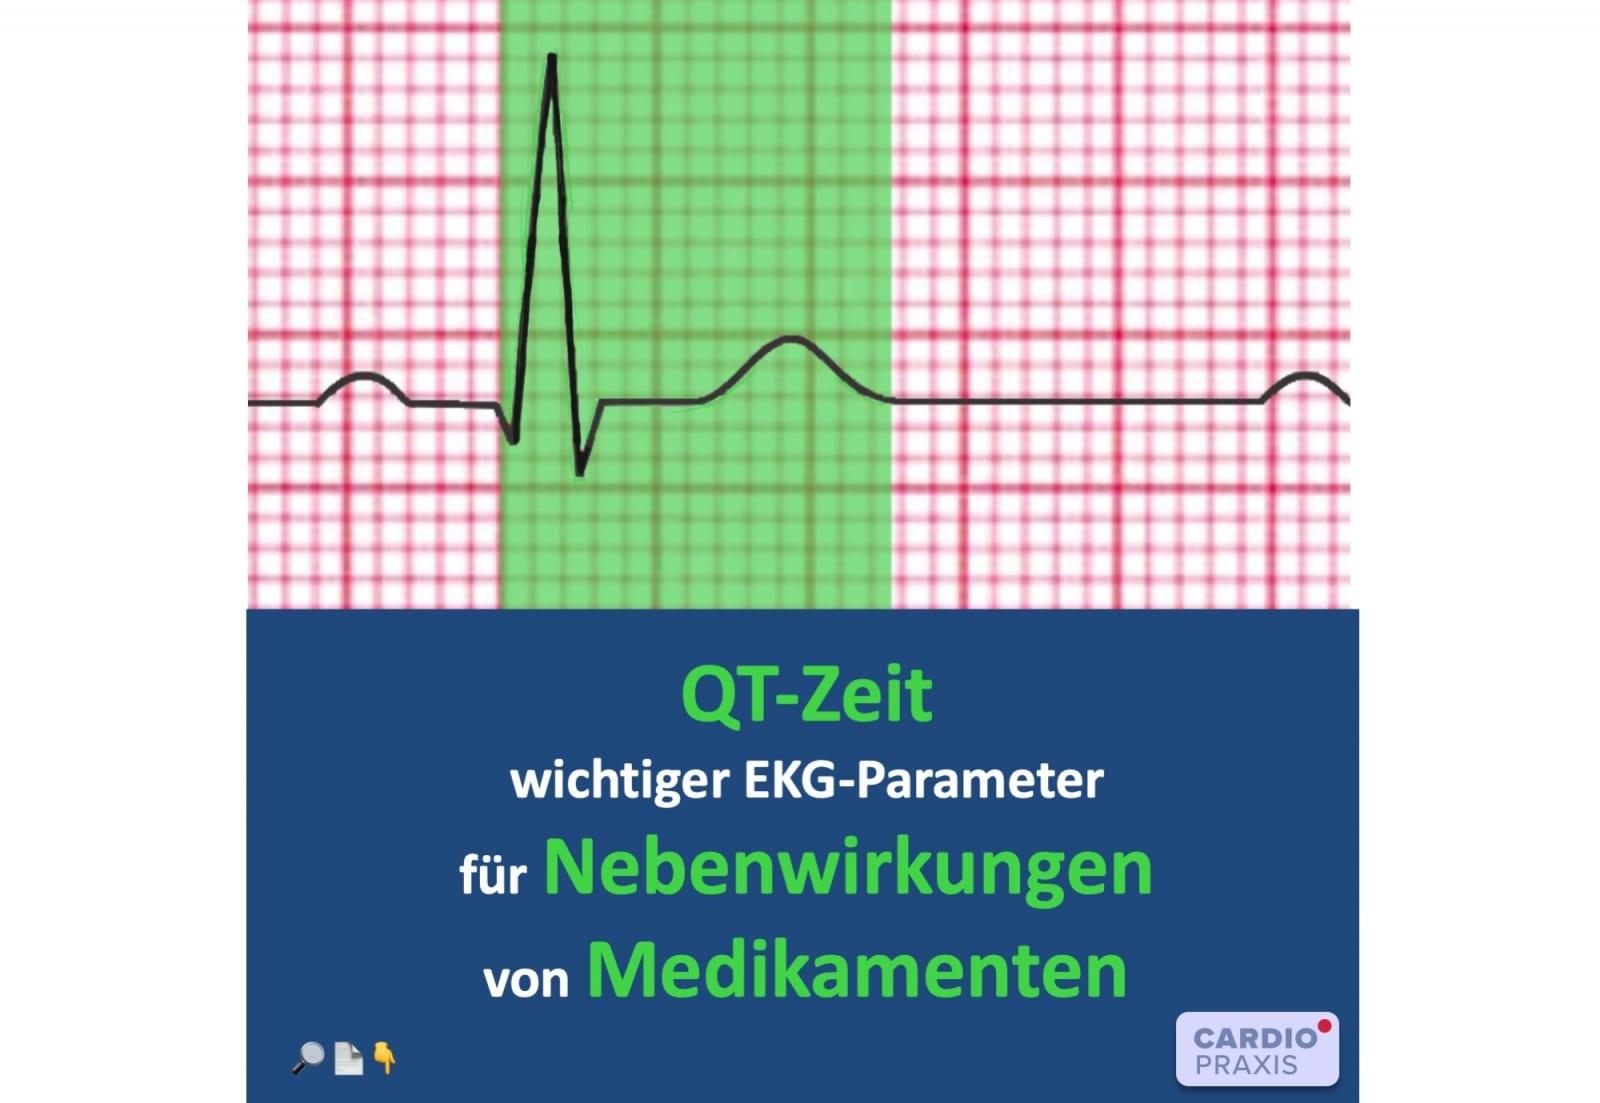 QT-Zeit im EKG - Nebenwirkungen von Medikamenten - Cardiopraxis